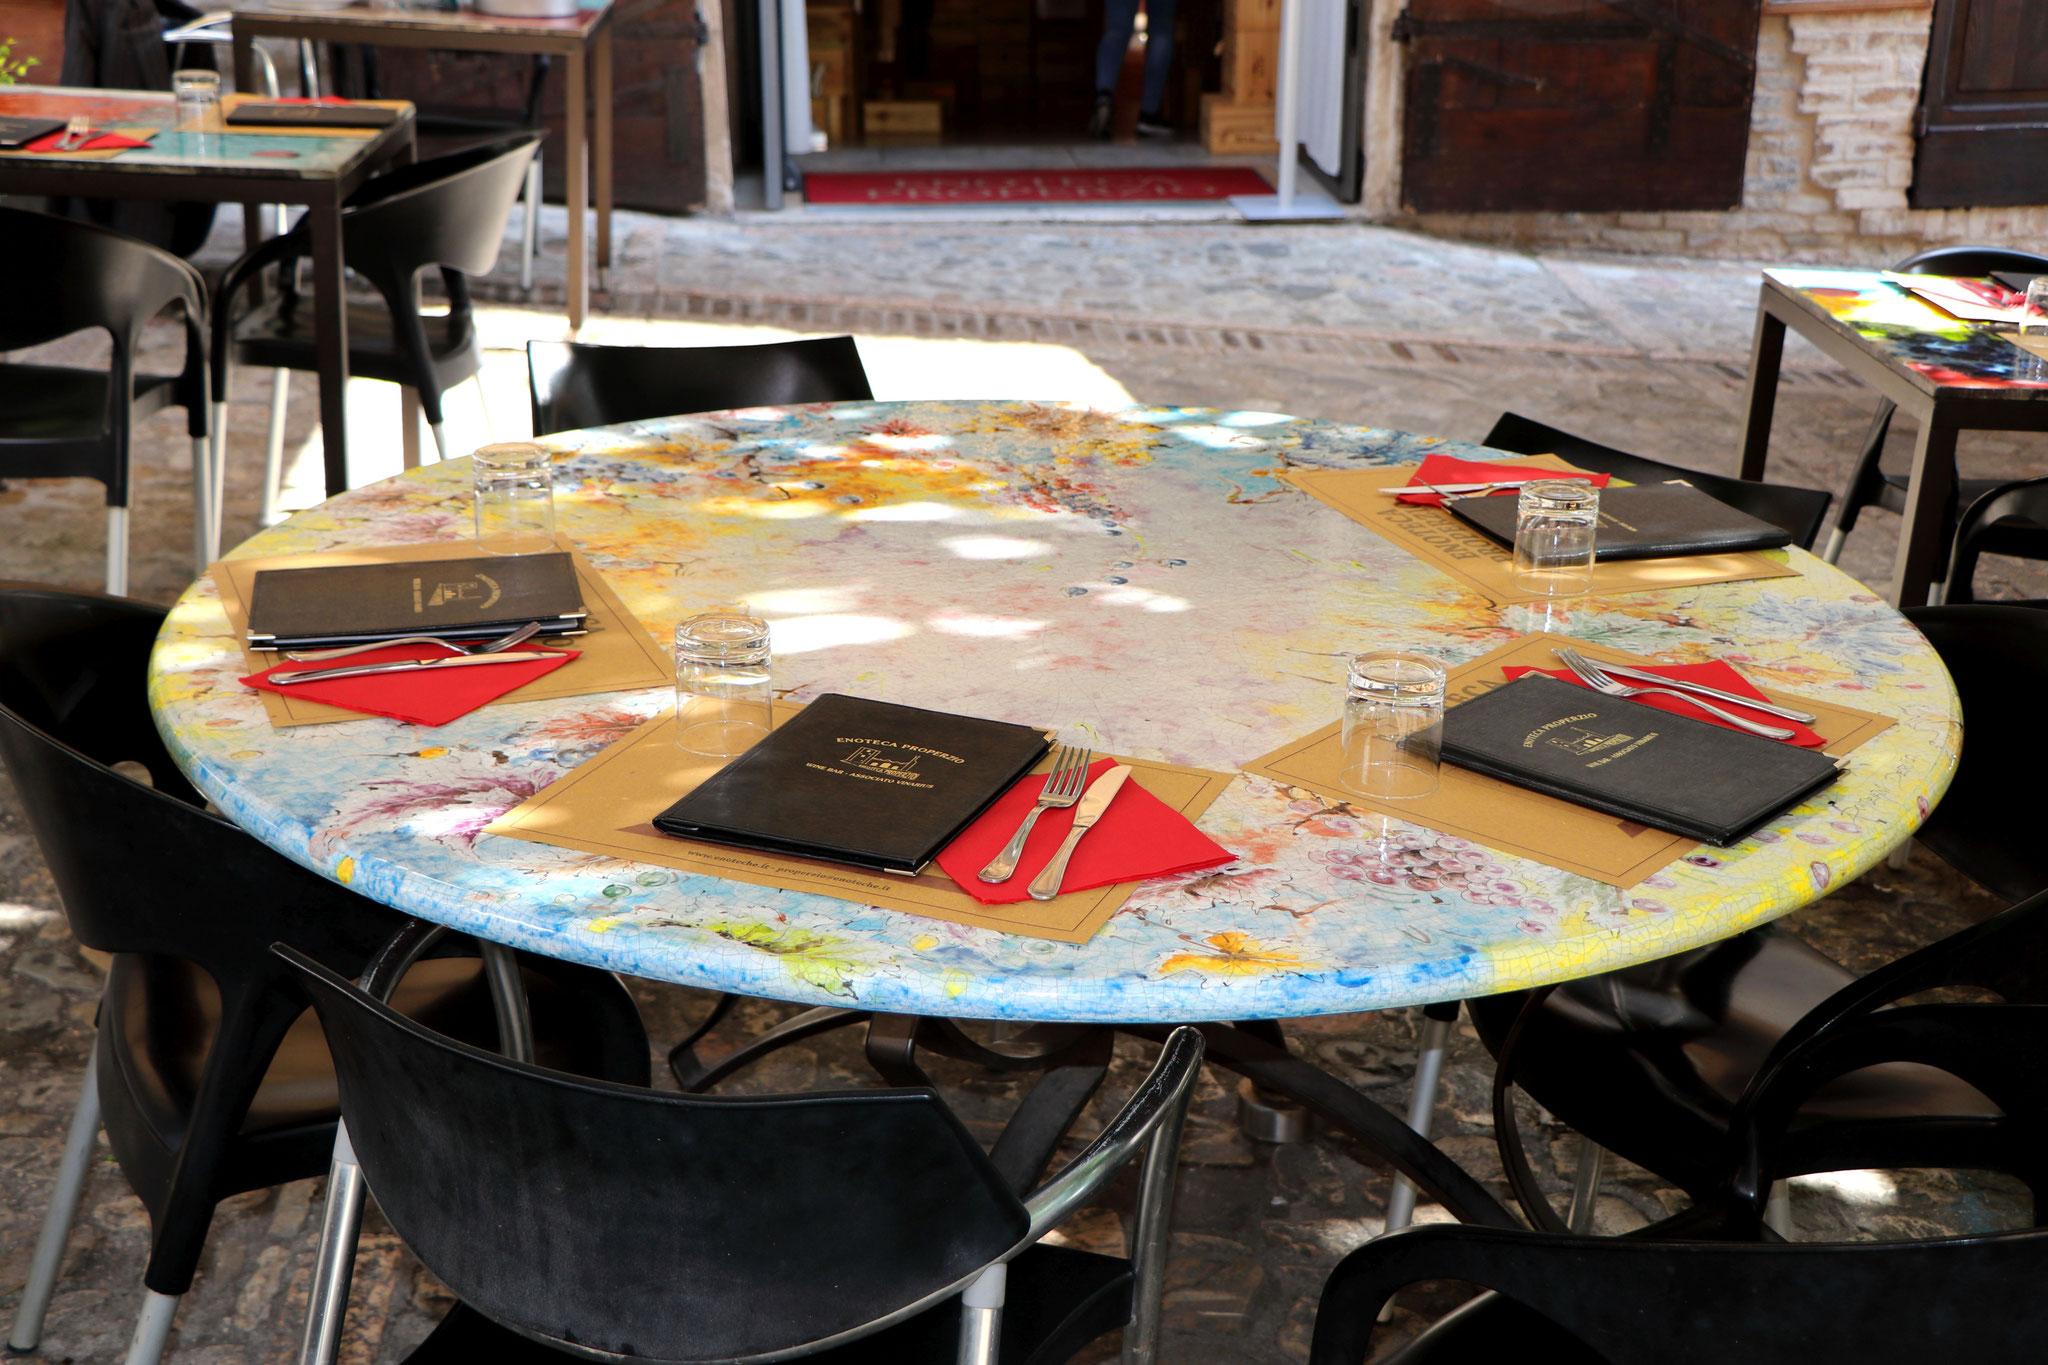 In diesem Restaurant sieht jeder Tisch anders aus - kreiert von einem Künstler.